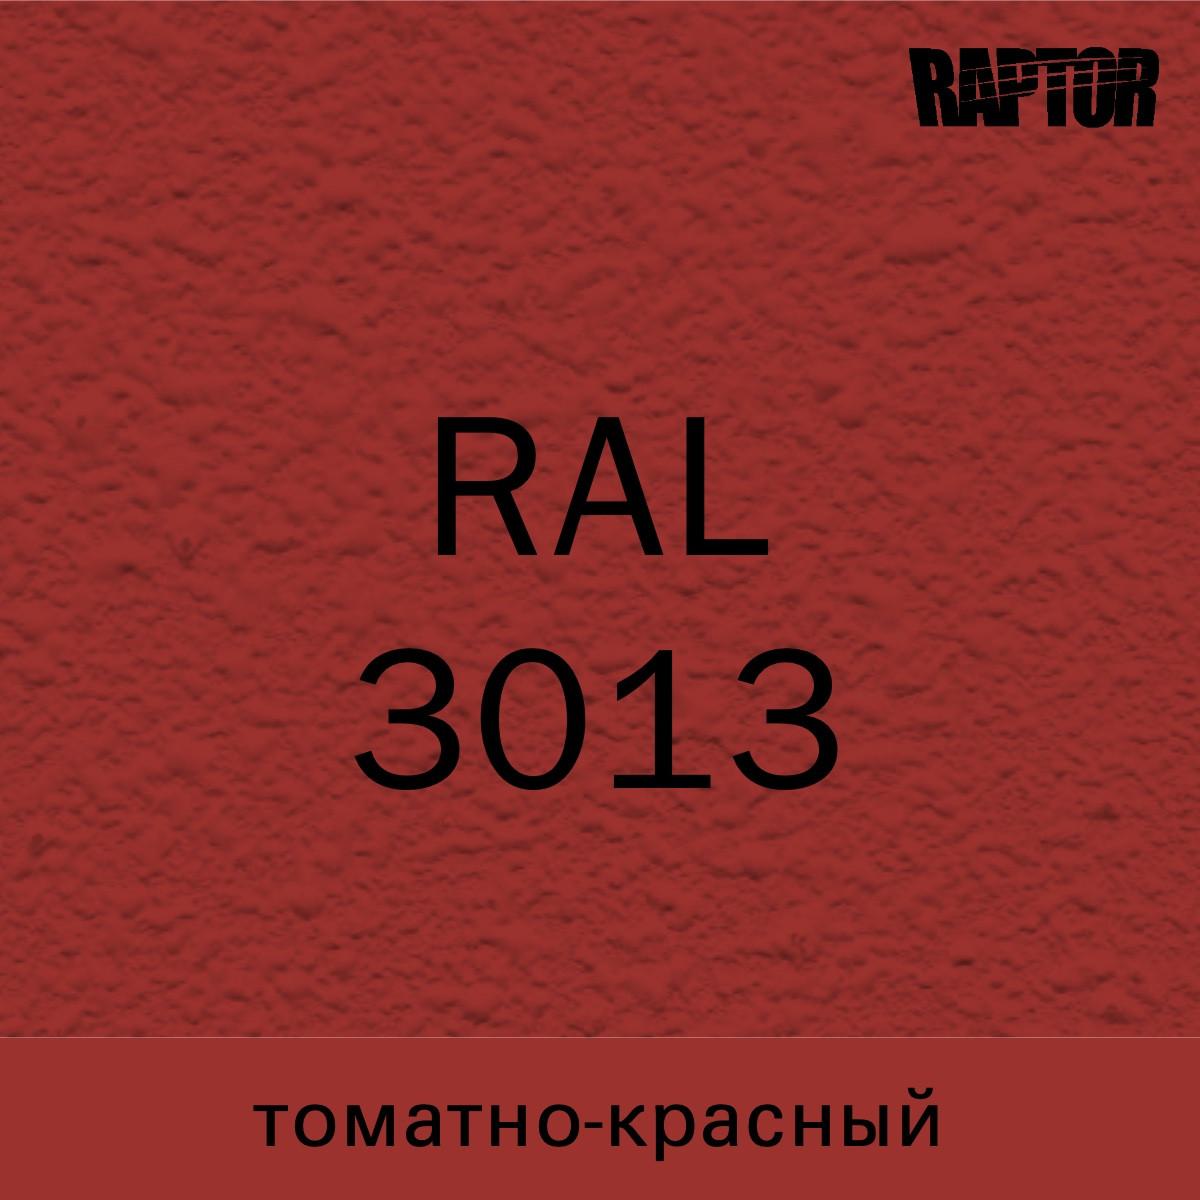 Пигмент для колеровки покрытия RAPTOR™ Томатно-красный (RAL 3013)